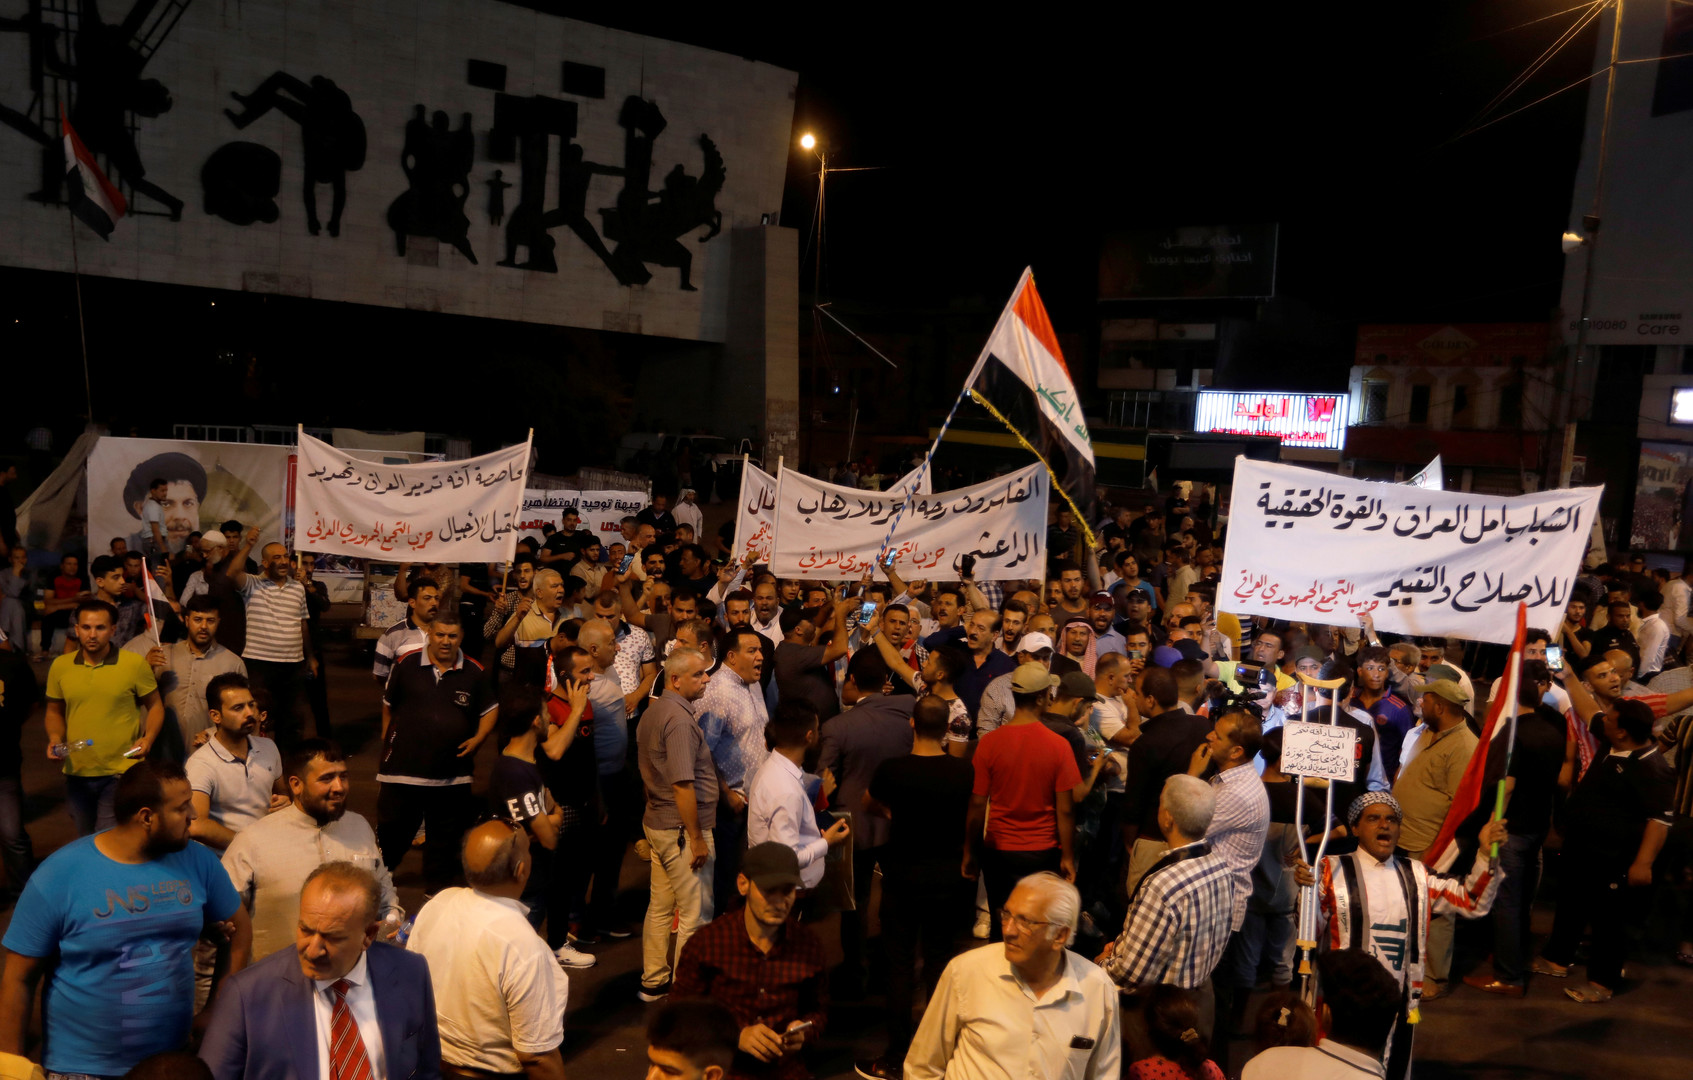 تظاهرة اليوم في بغداد